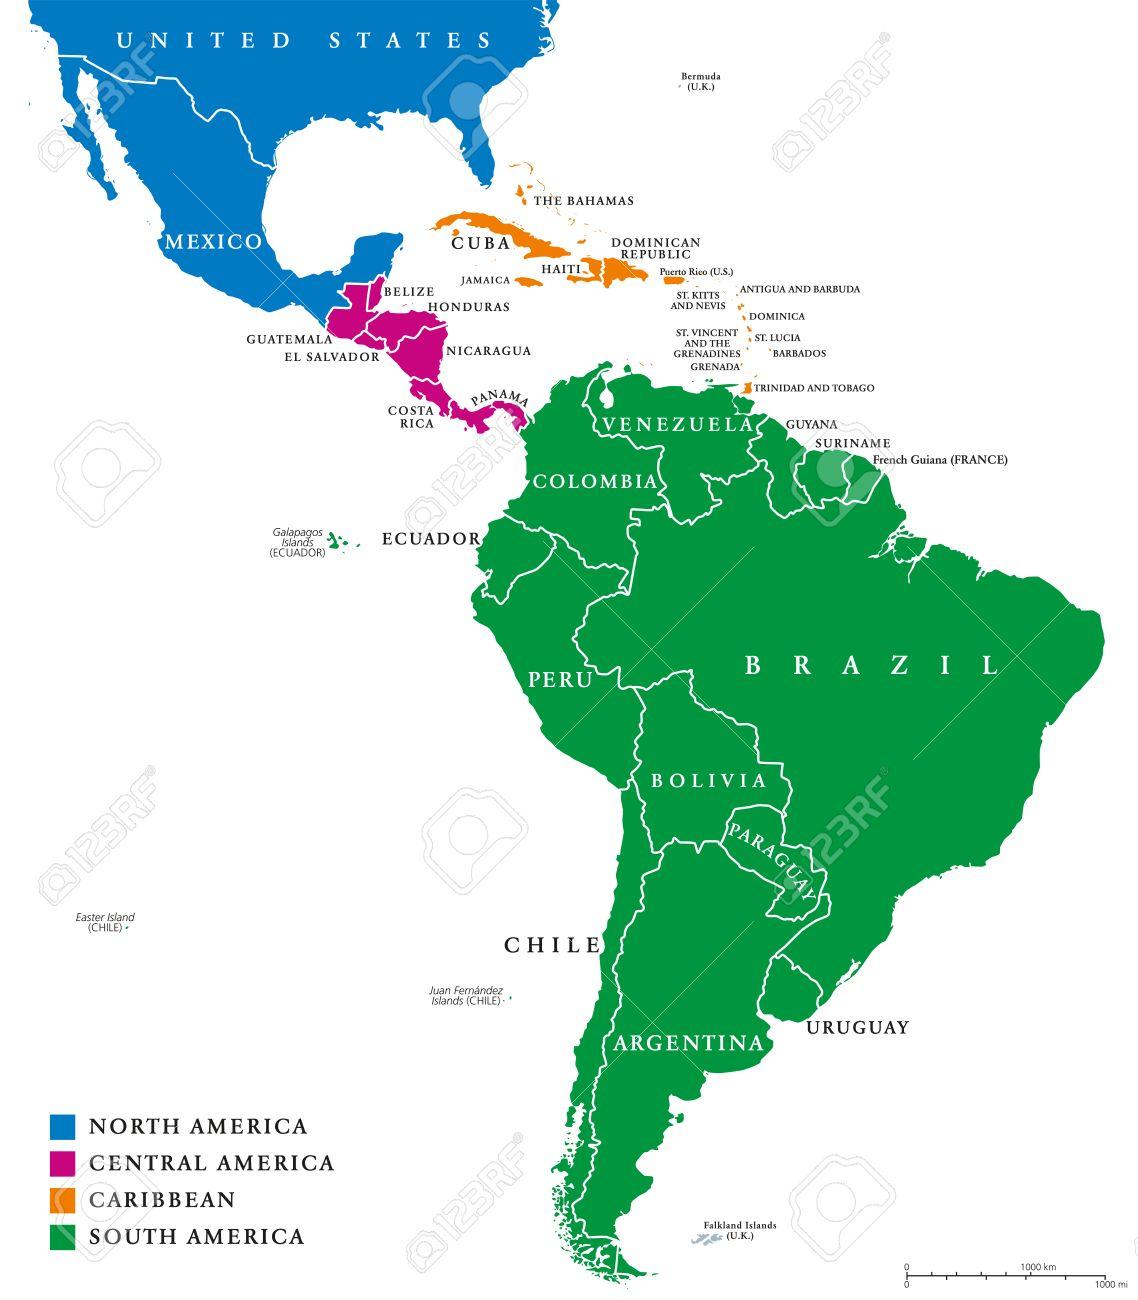 Carte Amerique Latine Et Centrale.Amerique Latine Regions De La Carte Politique Les Sous Regions Des Caraibes Du Nord Amerique Centrale Et Du Sud Dans Differentes Couleurs Avec Les